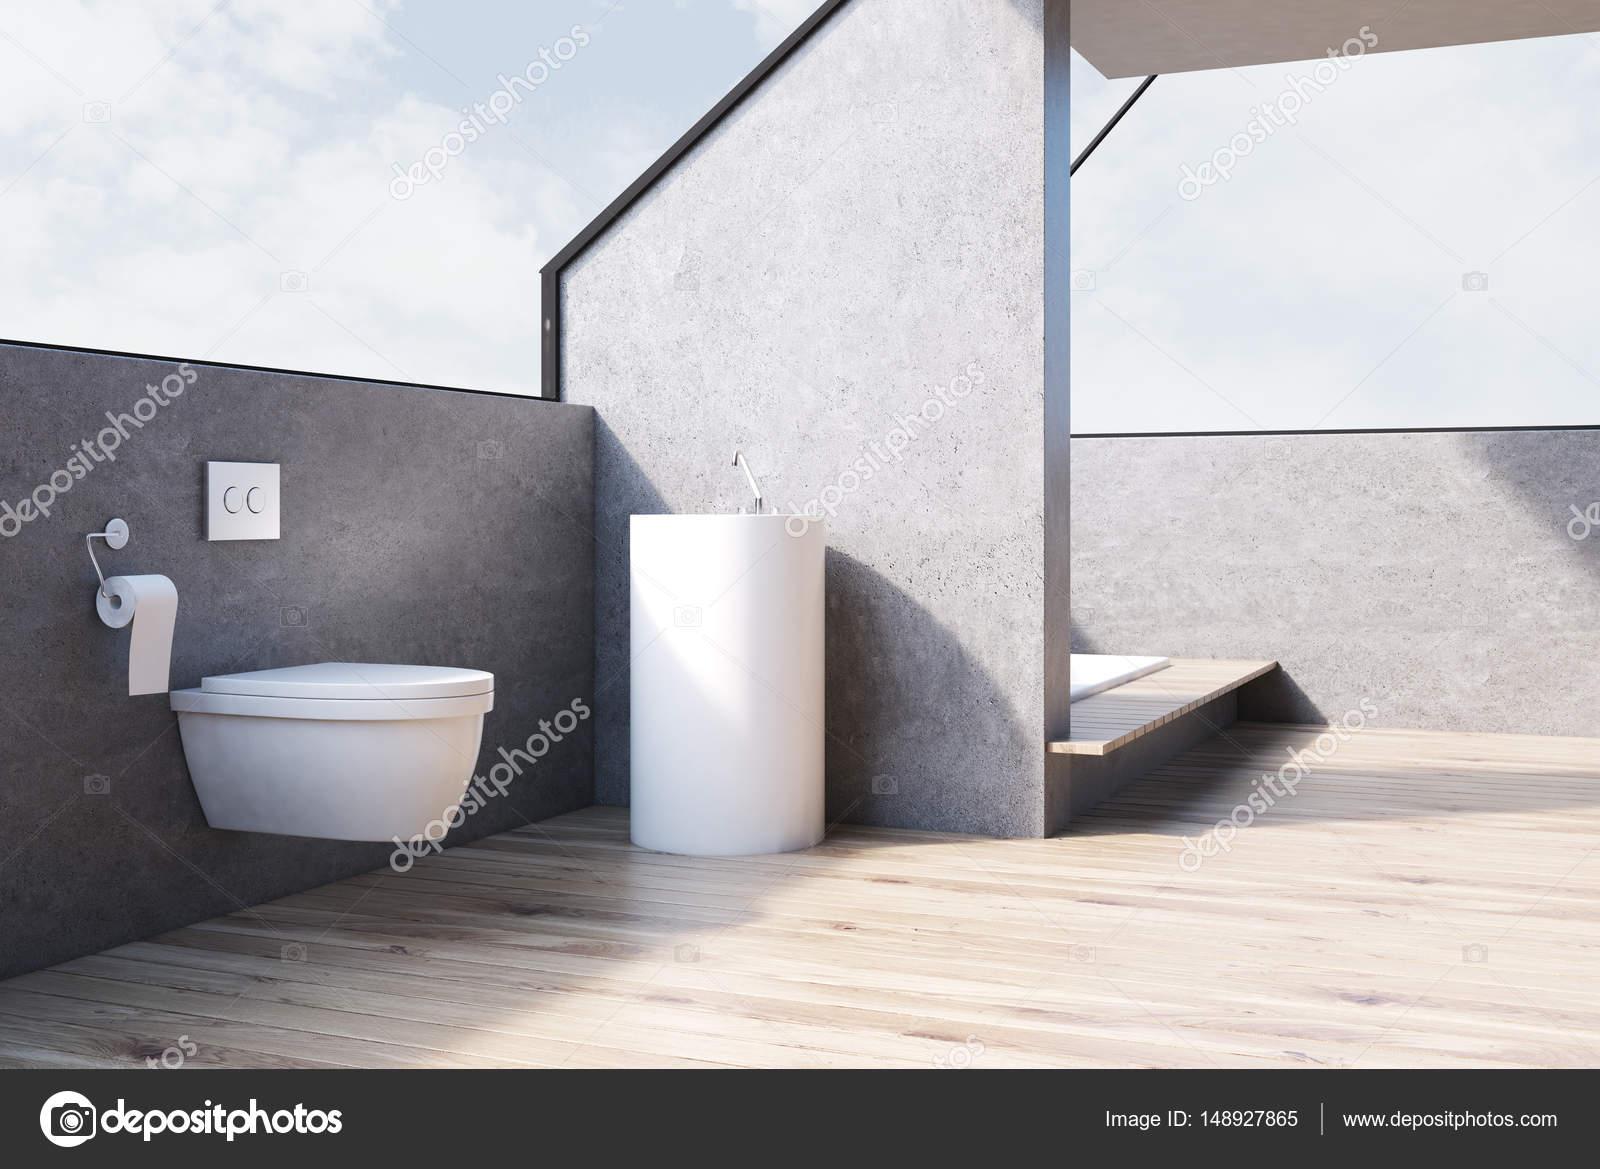 Gris Salle De Bains Avec Toilettes Bois C T Photographie